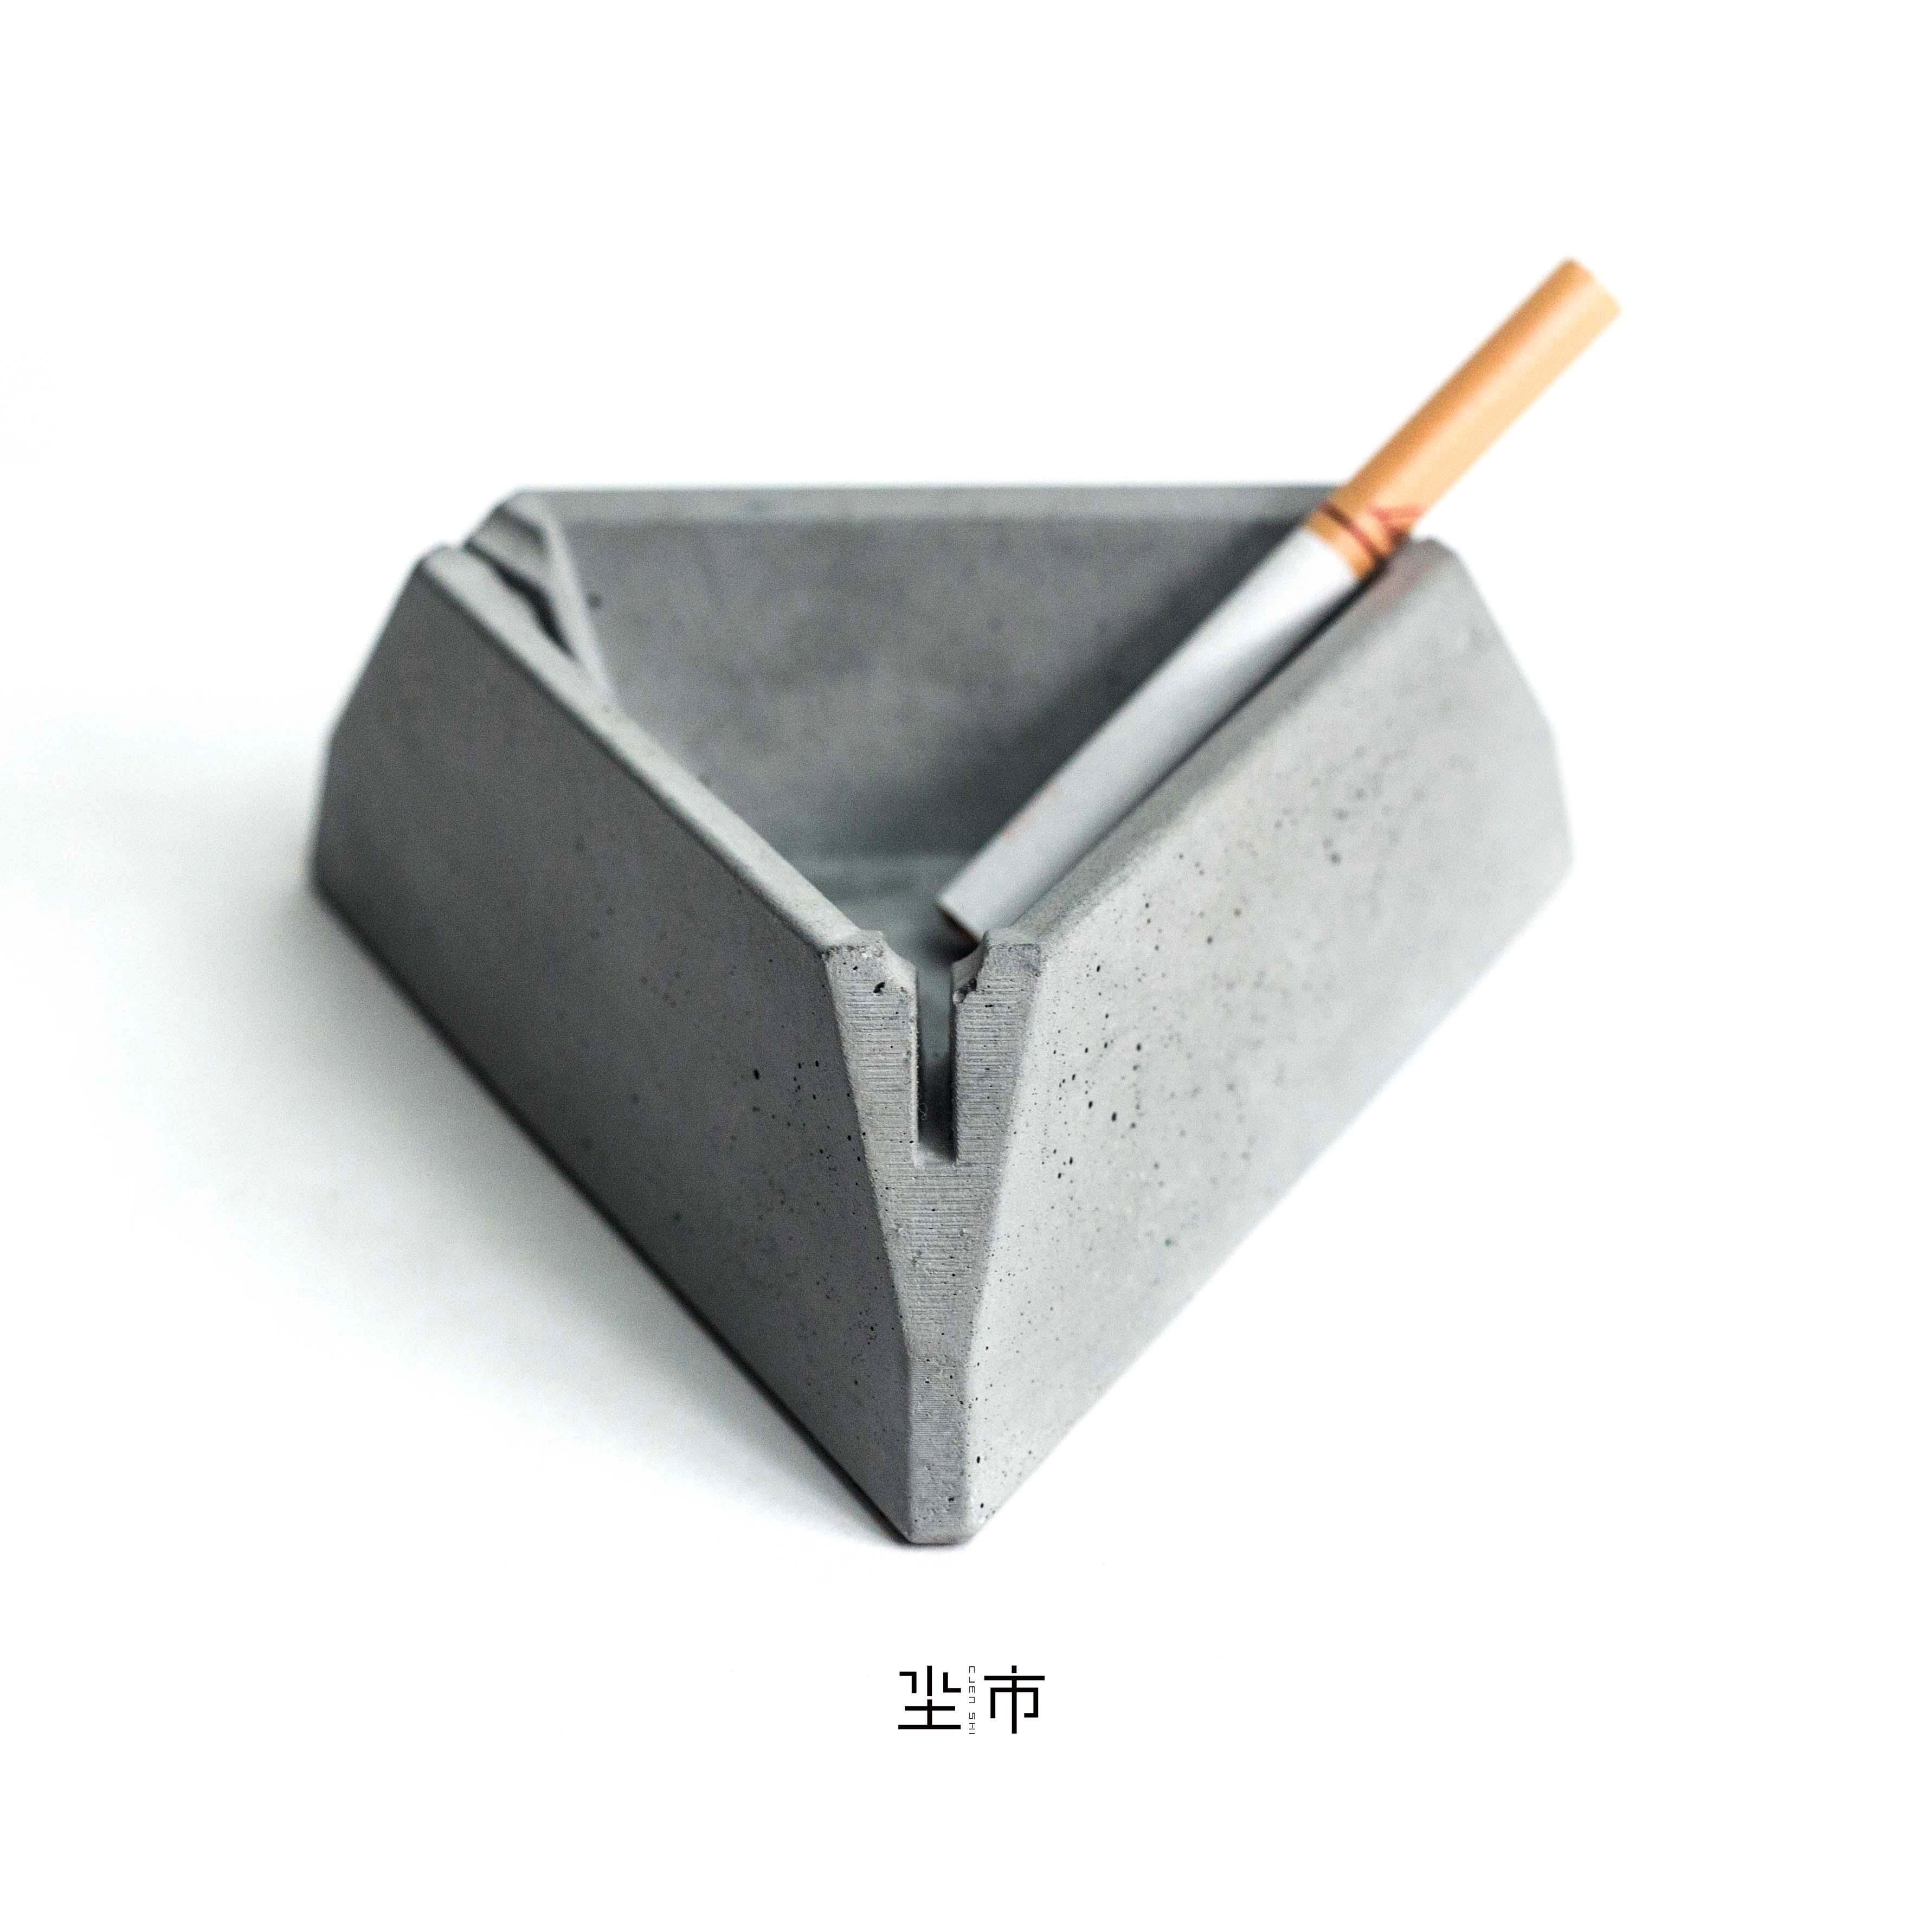 三體三體|水泥煙灰缸混凝土容器民宿酒店軟裝擺件設計款